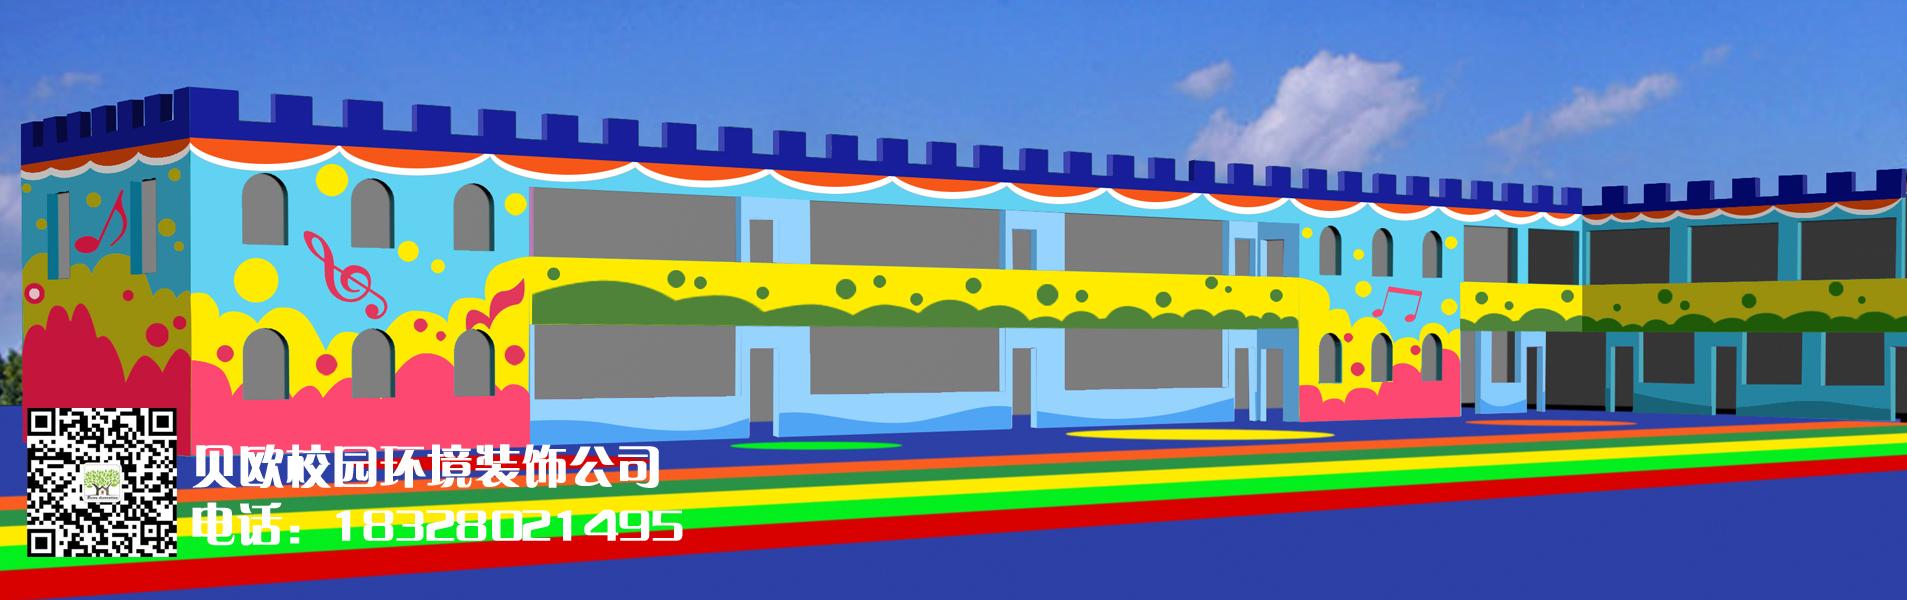 成都幼儿园外墙彩绘,幼儿园楼体彩绘